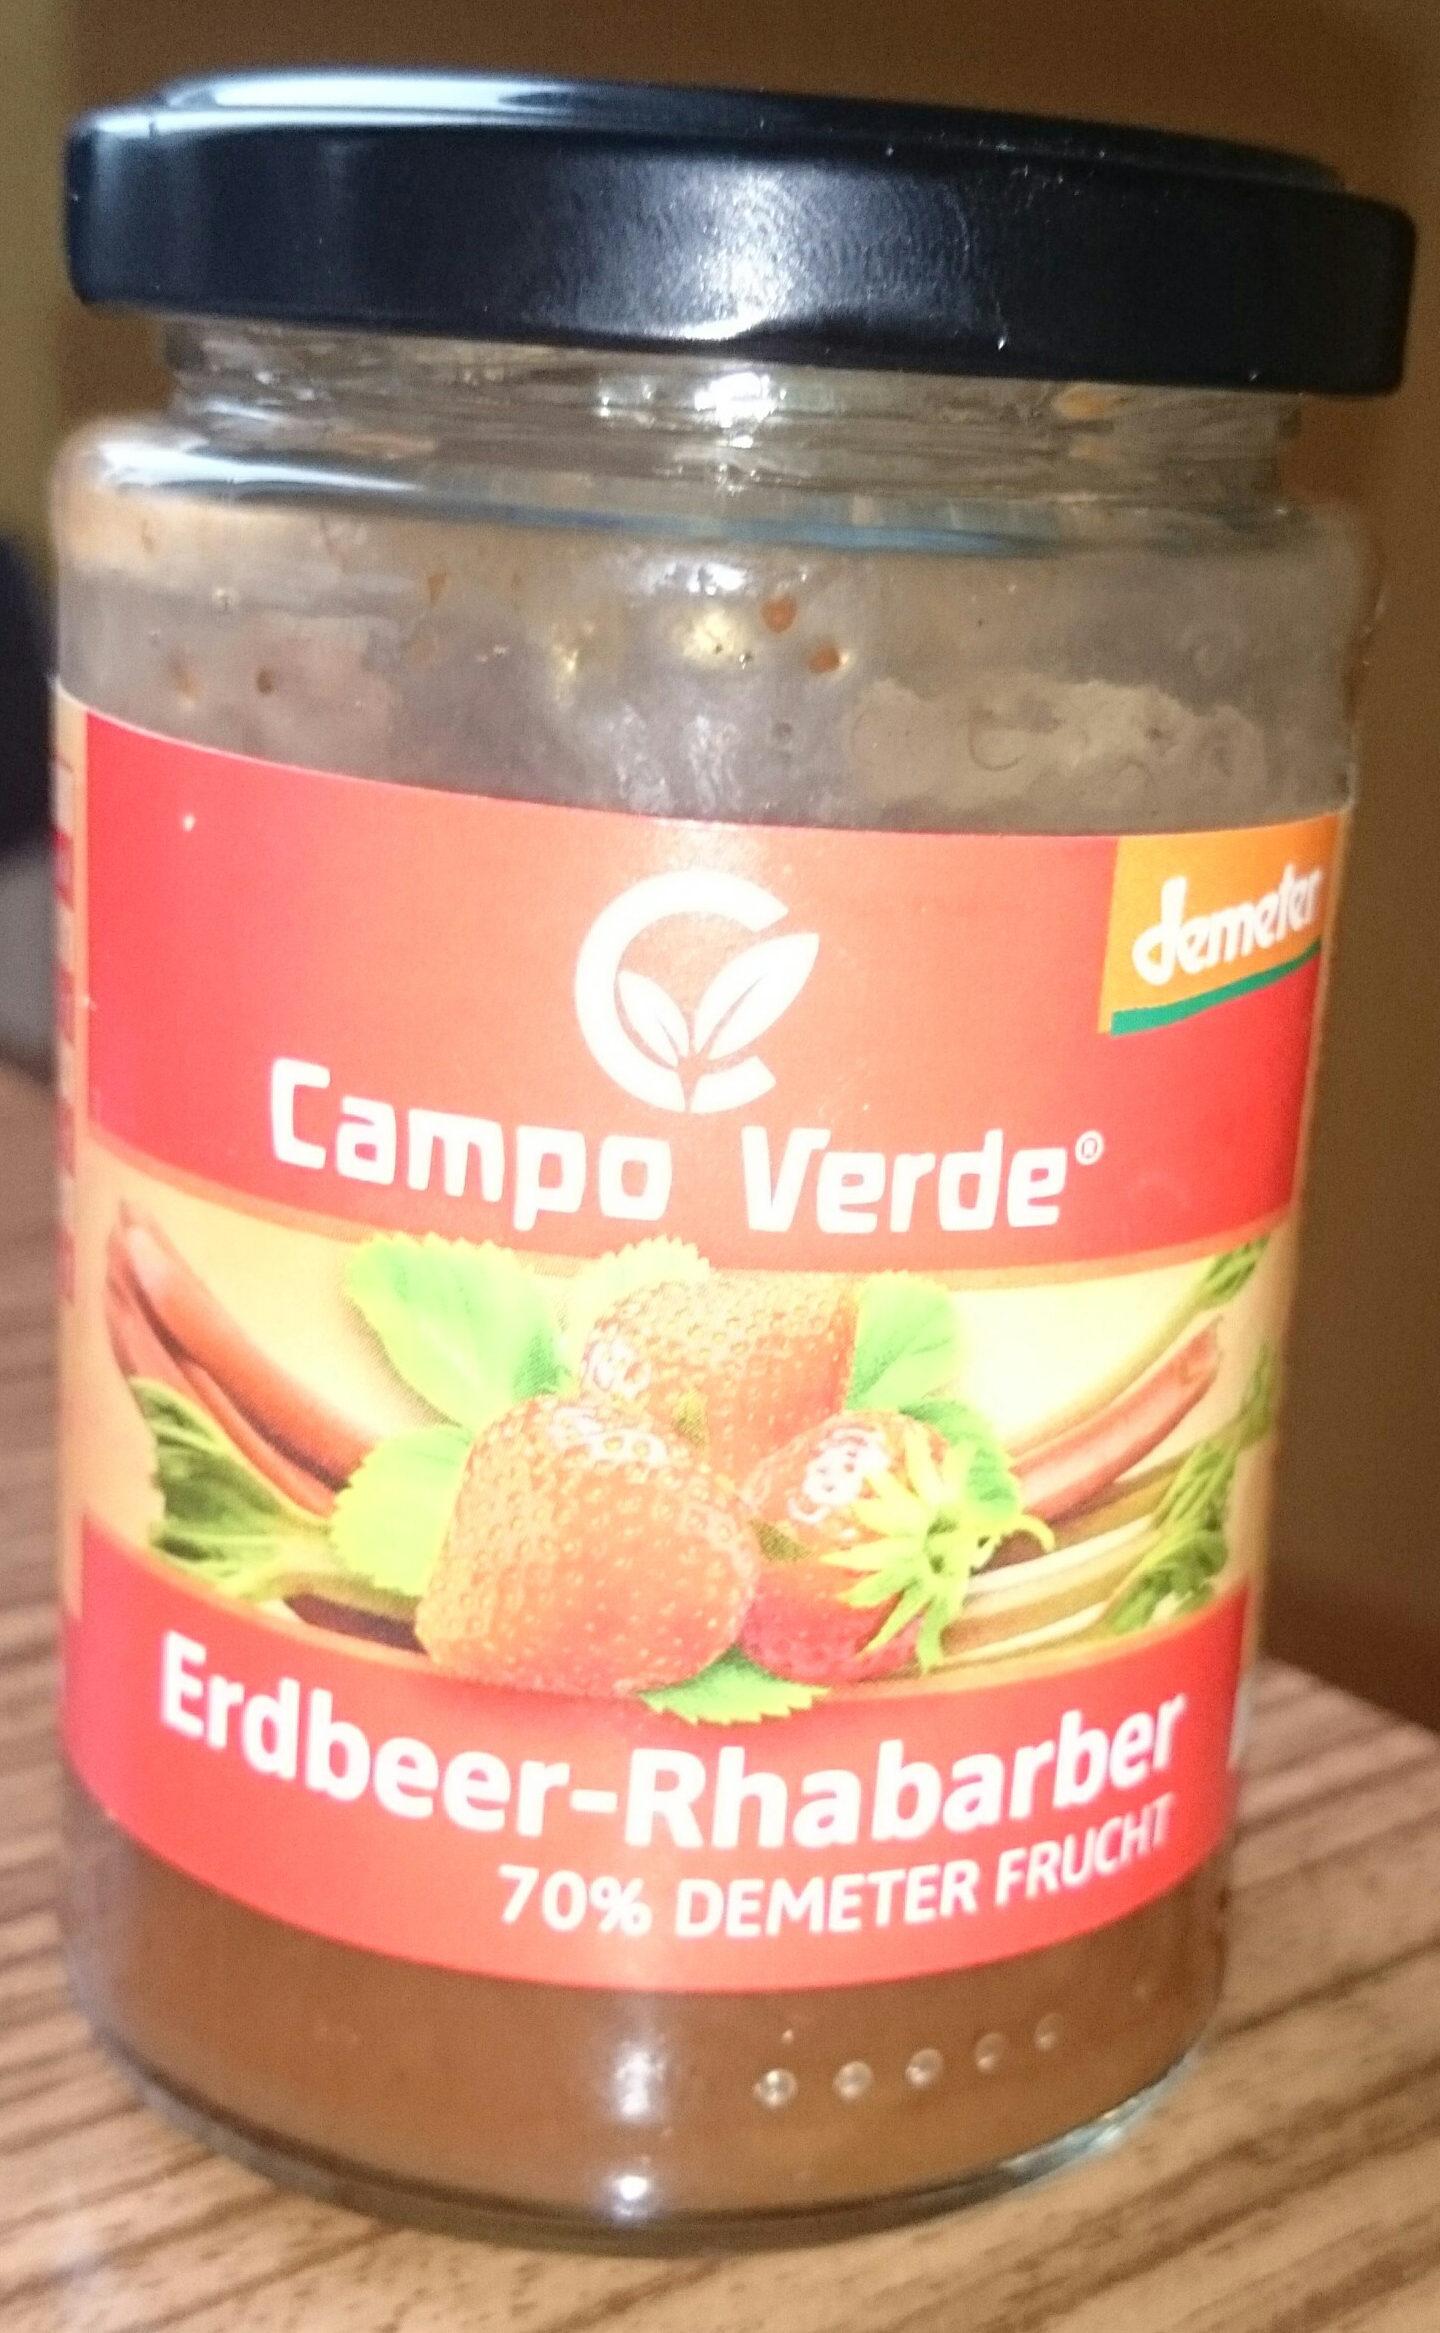 Erdbeer-Rhabarber Marmelade - Produit